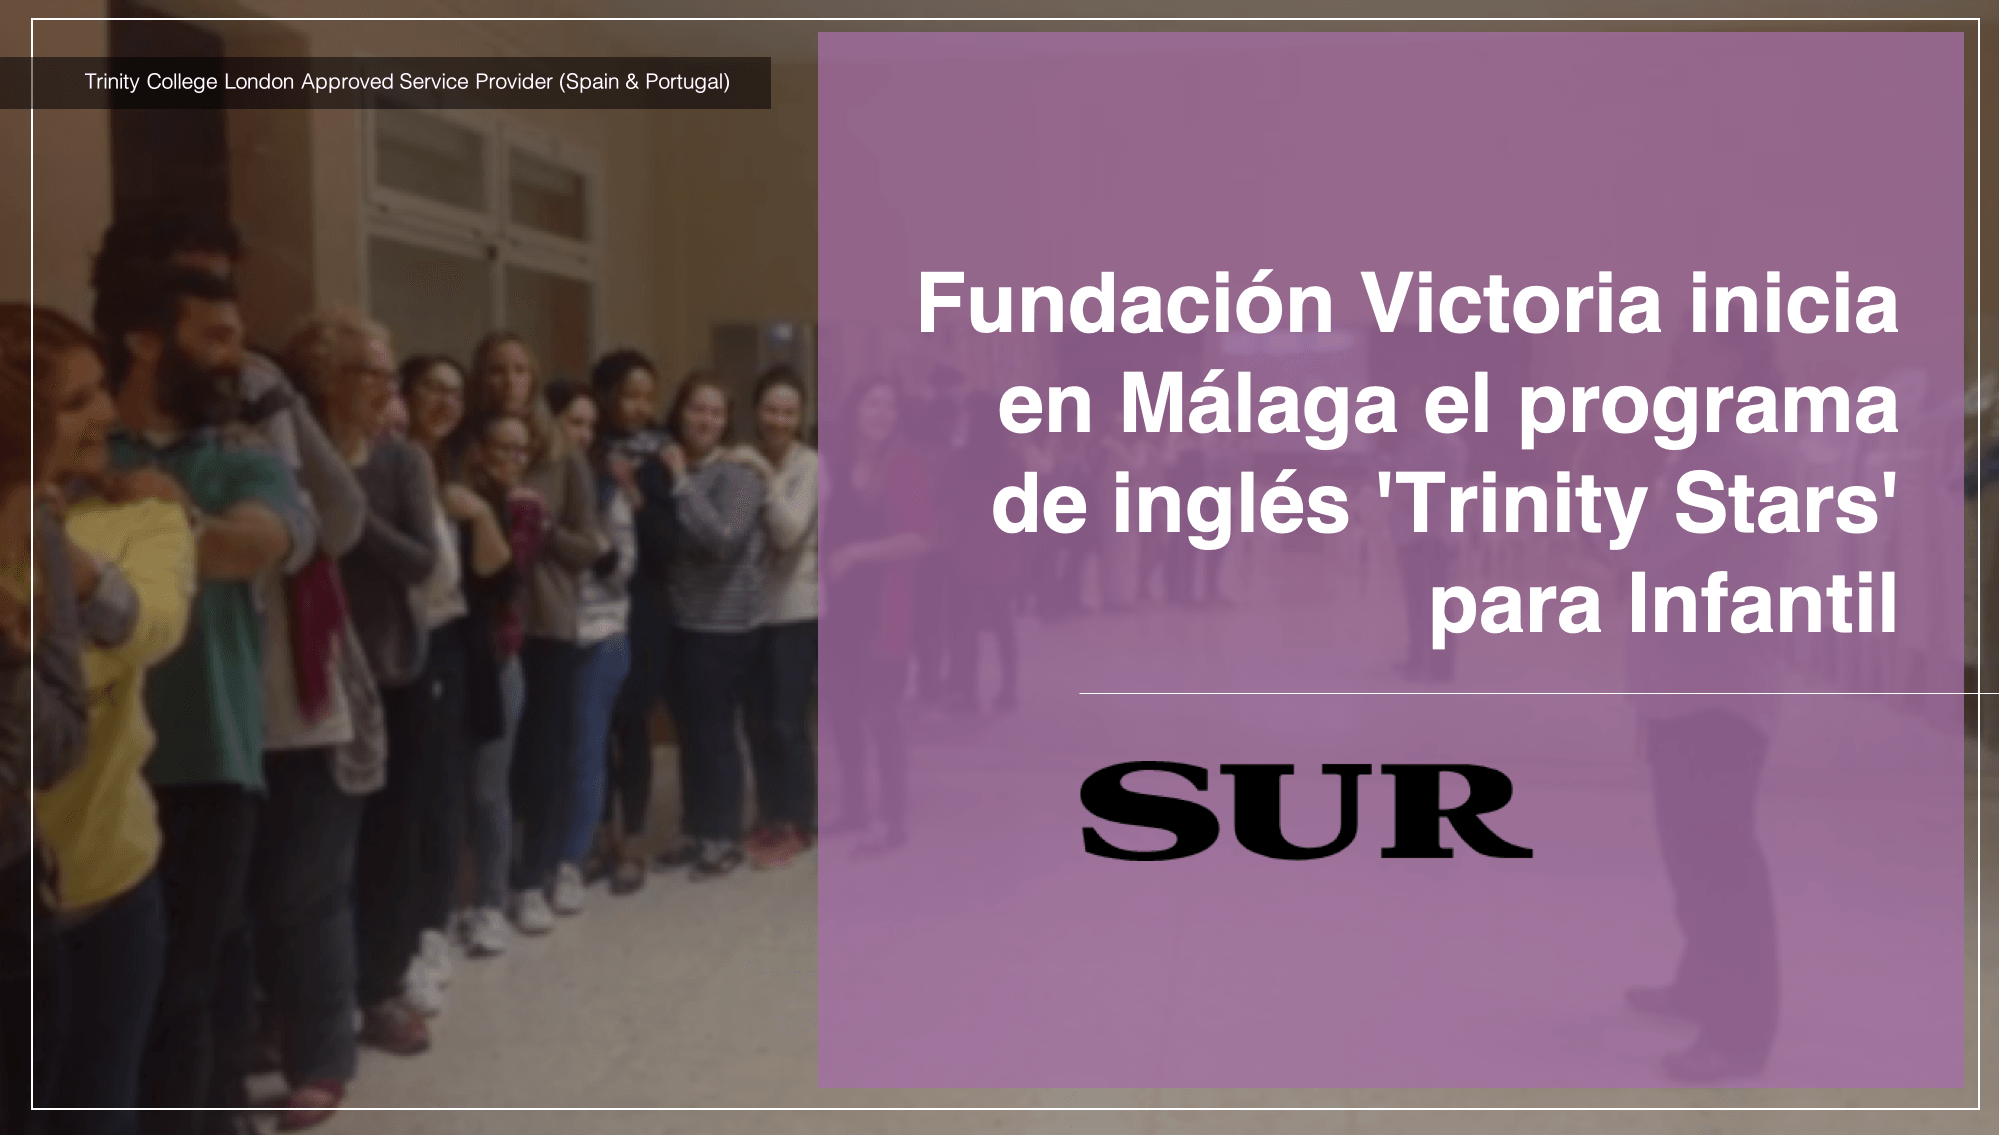 Fundación Victoria inicia en Málaga el programa de inglés Trinity Stars para Infantil